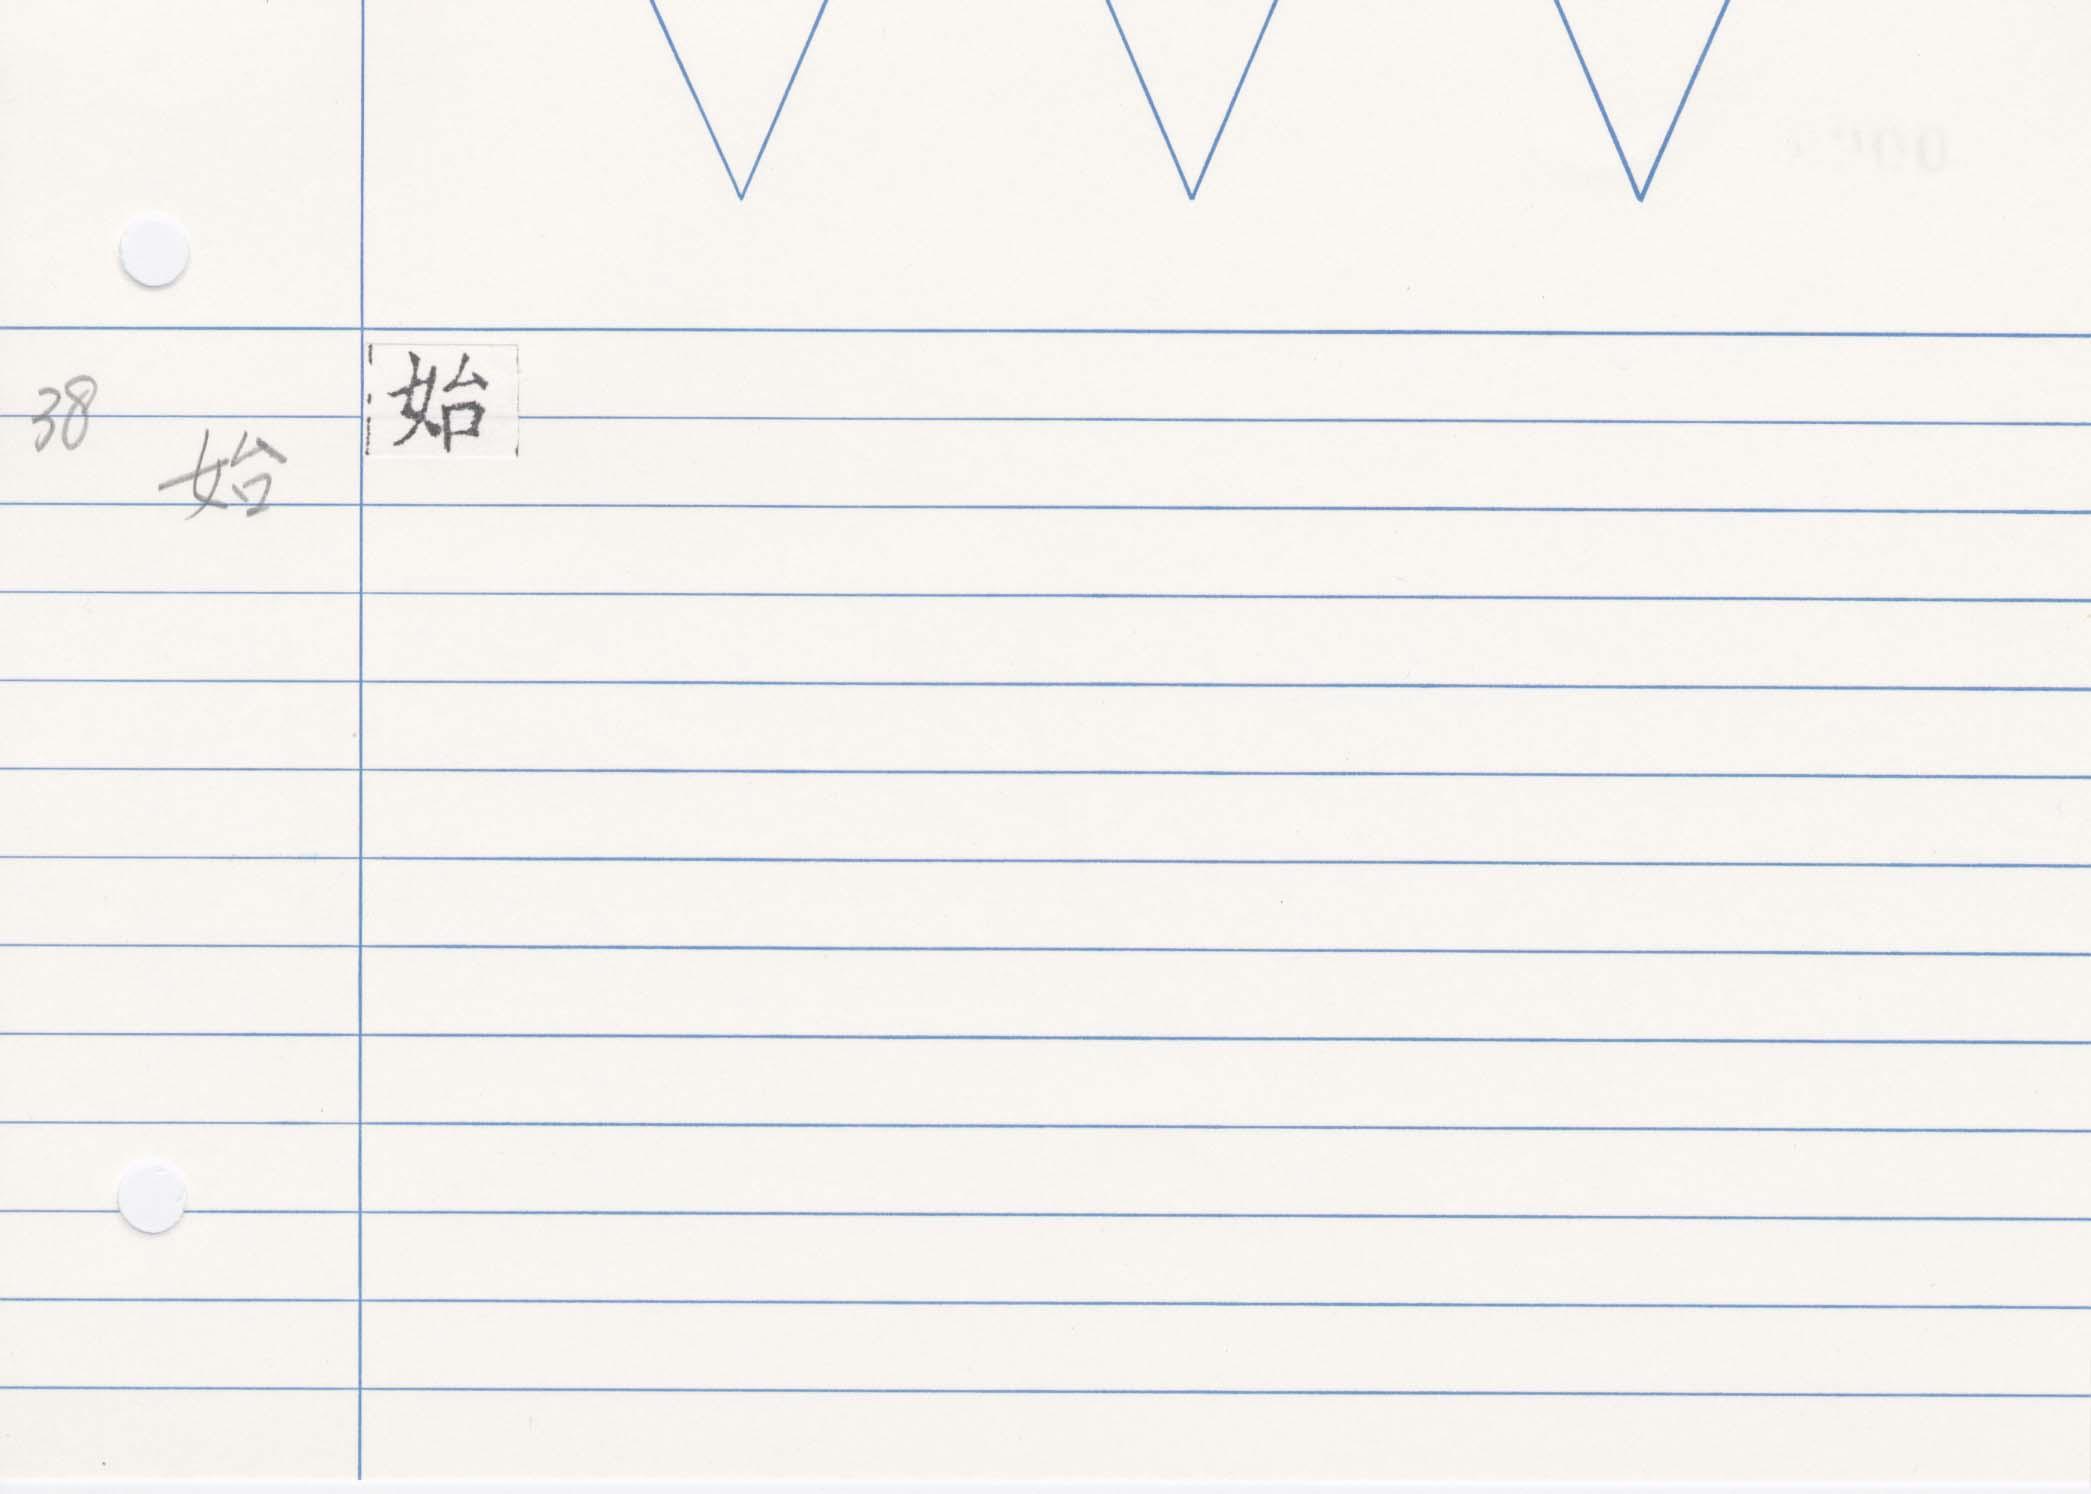 26_齊民要術卷五(高山寺本)/cards/0063.jpg